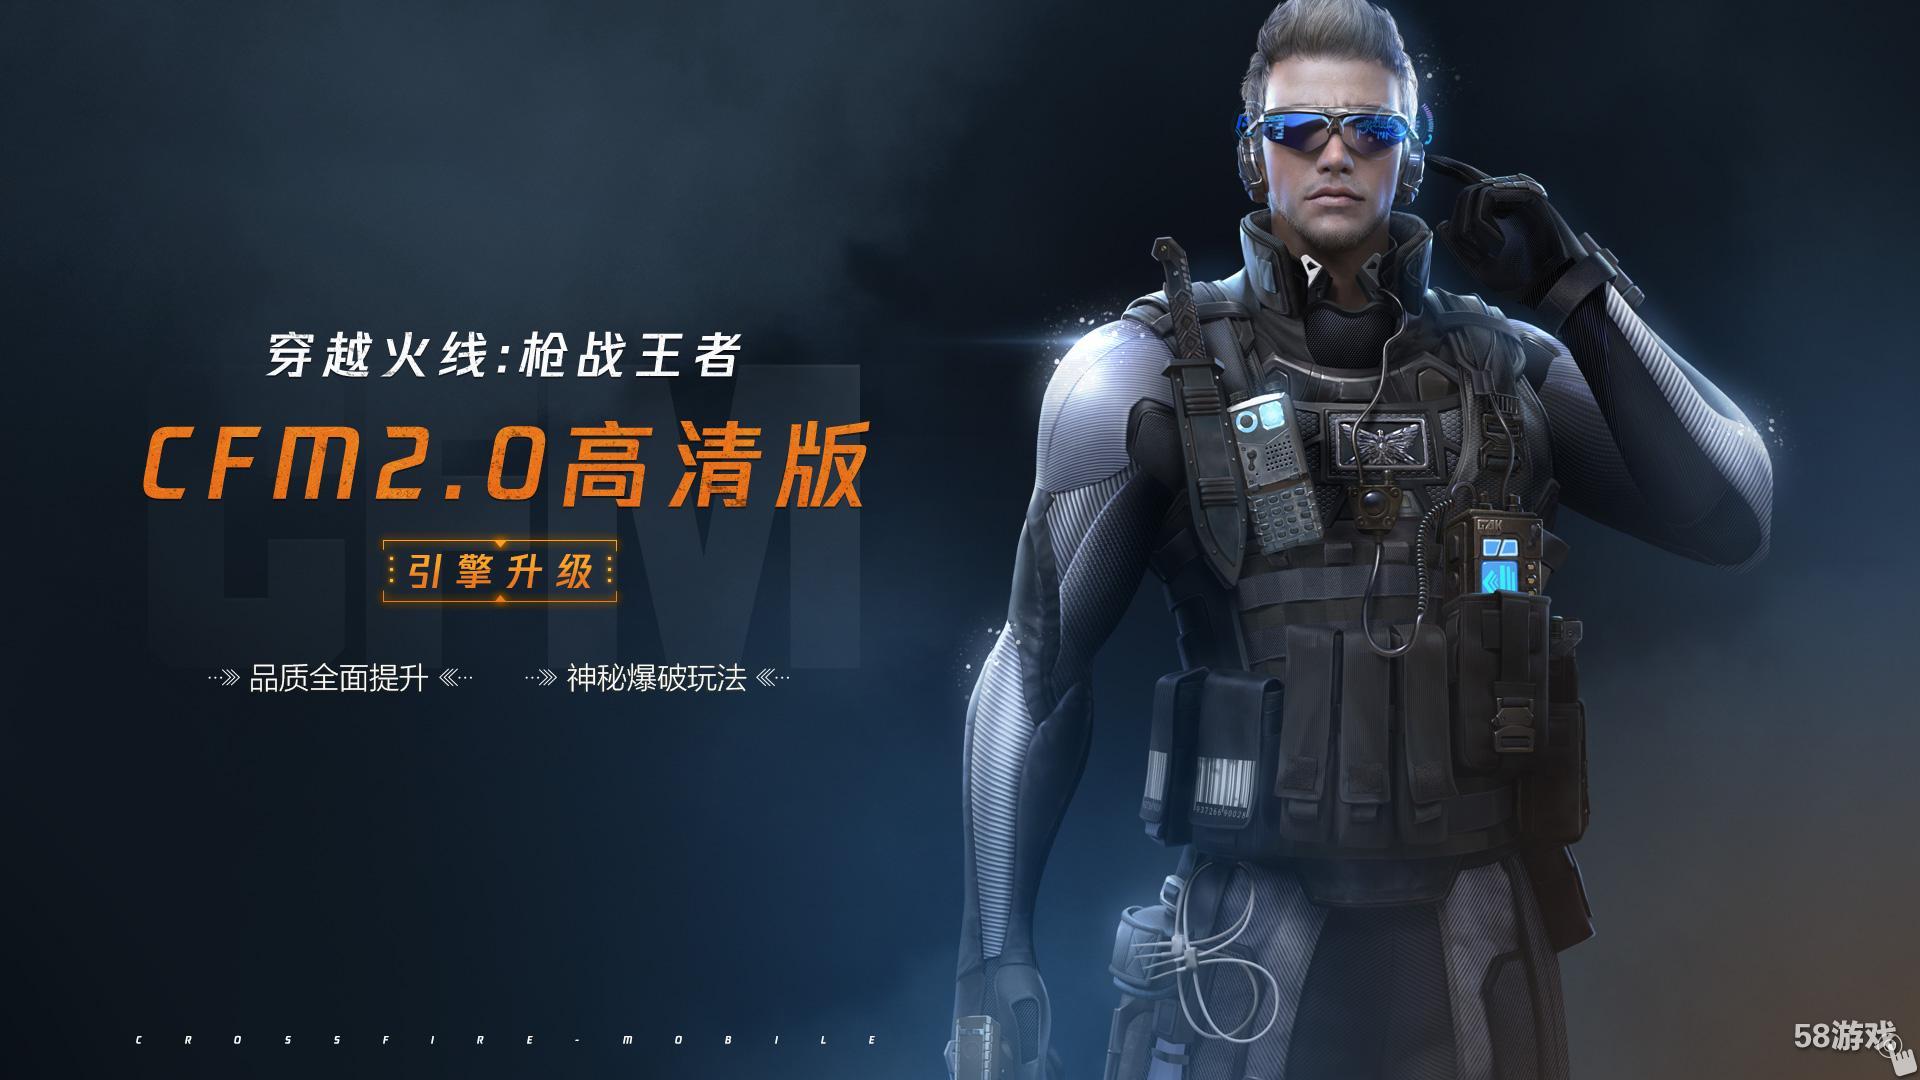 改写枪战进化论 cfm2.0焕新发布!